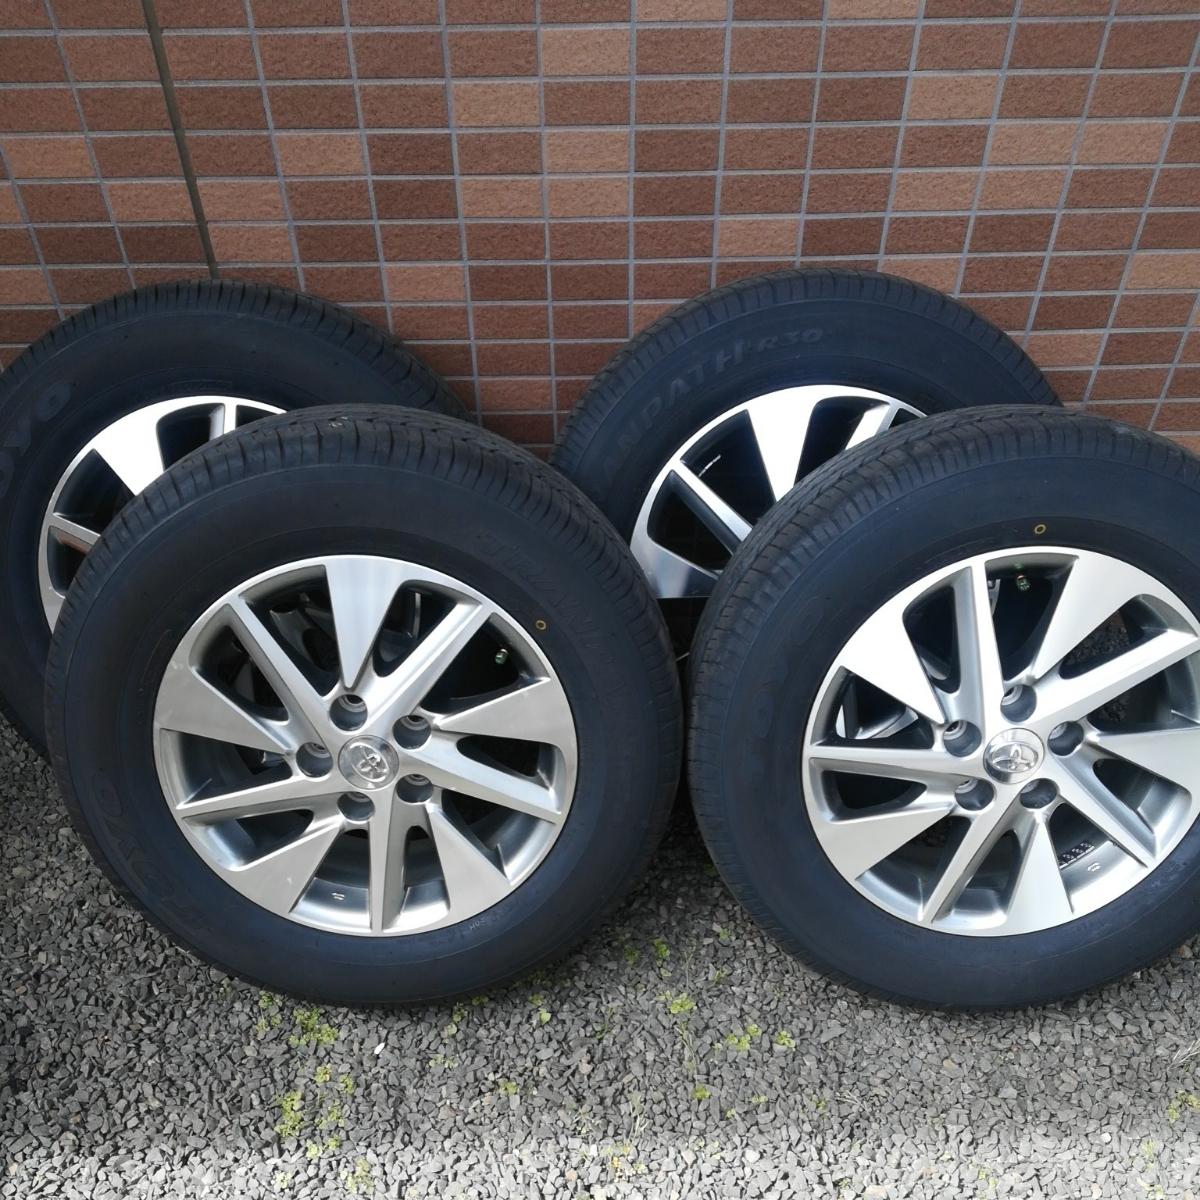 トヨタ アルファード 純正 ホイール 美品 20系 ハイブリッド 16インチ タイヤ 新品 同様 トーヨー R30 215/65/16 17年製造